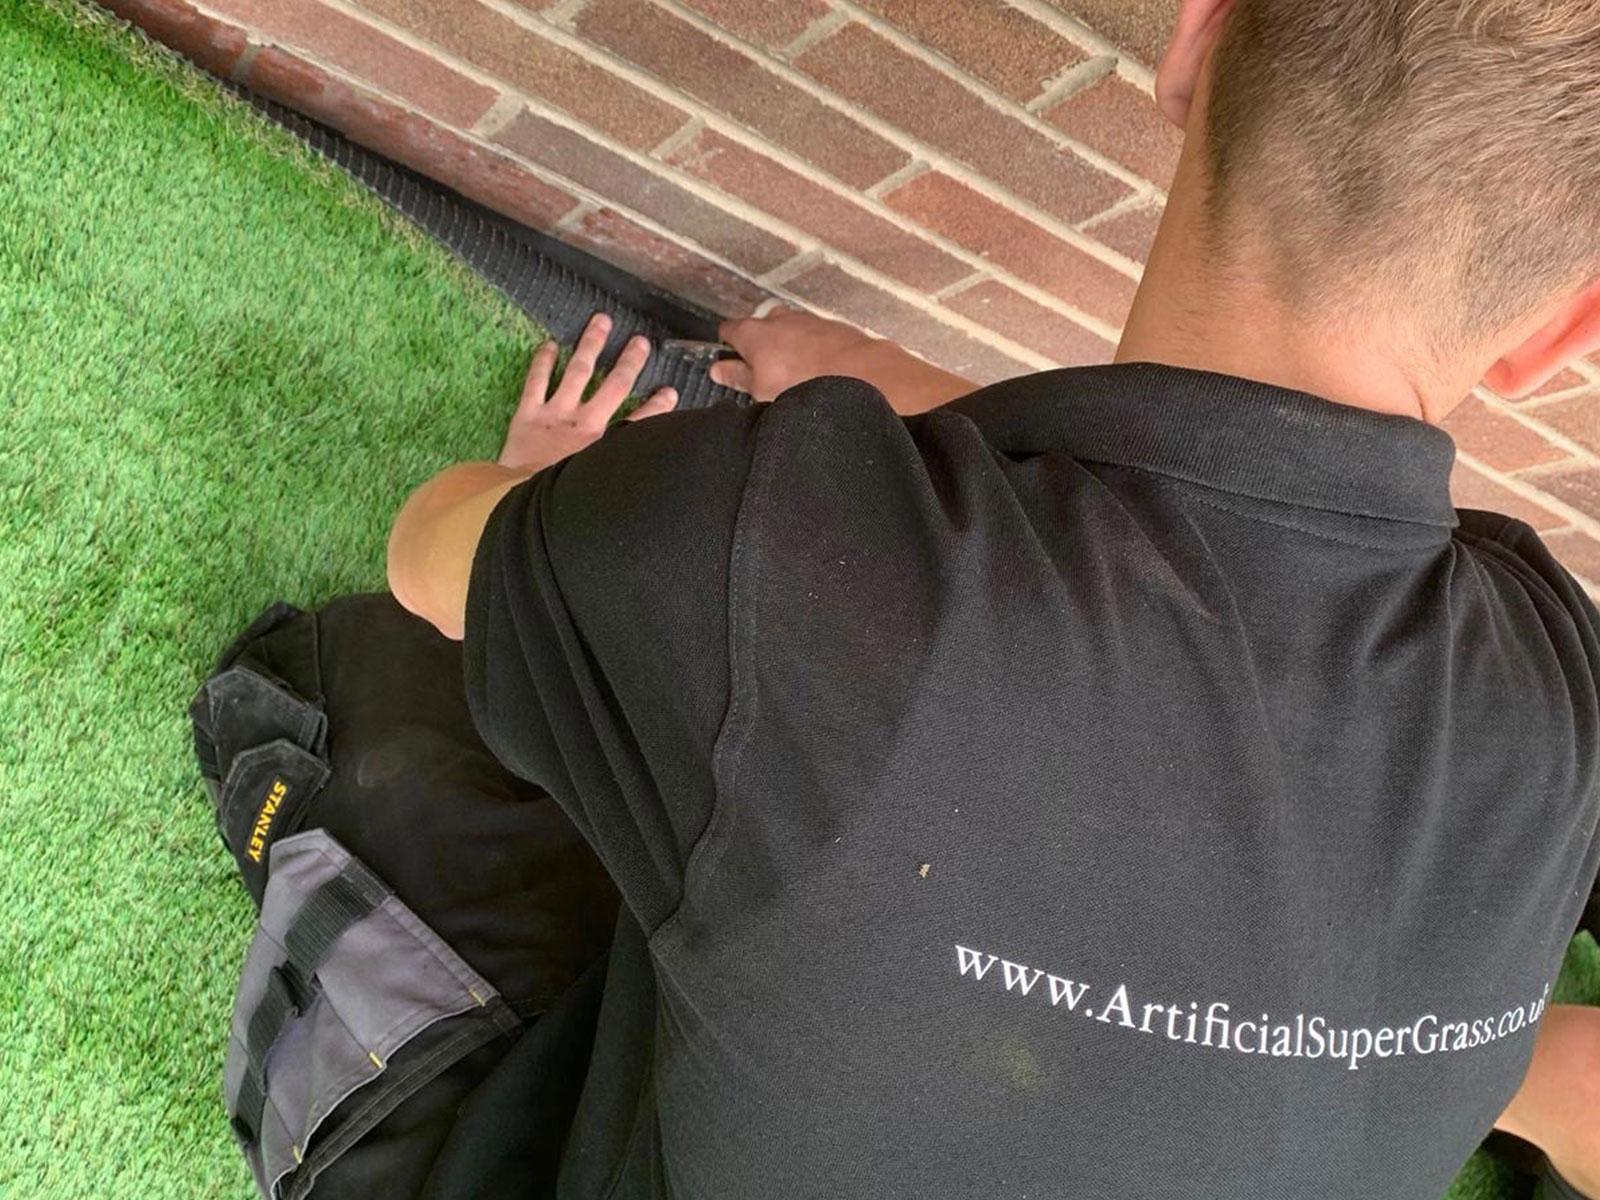 Best Quality Artificial Grass Nottinghamshire Artificial Super Grass